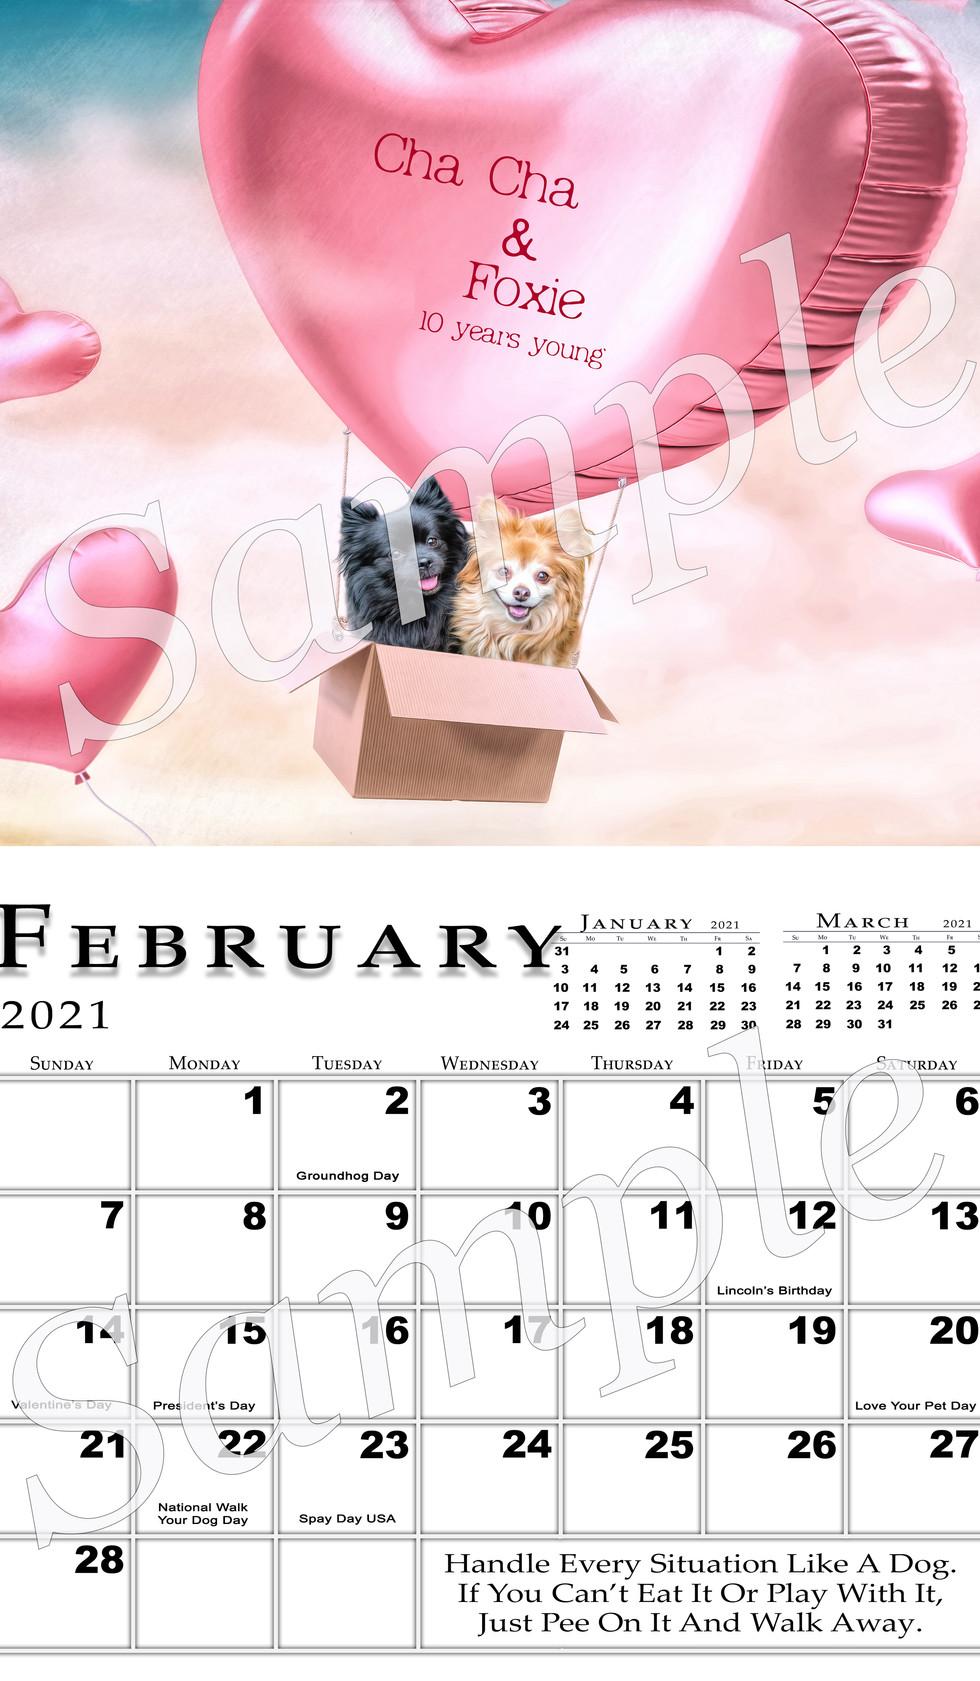 February 2021 Full Page Sample.jpg